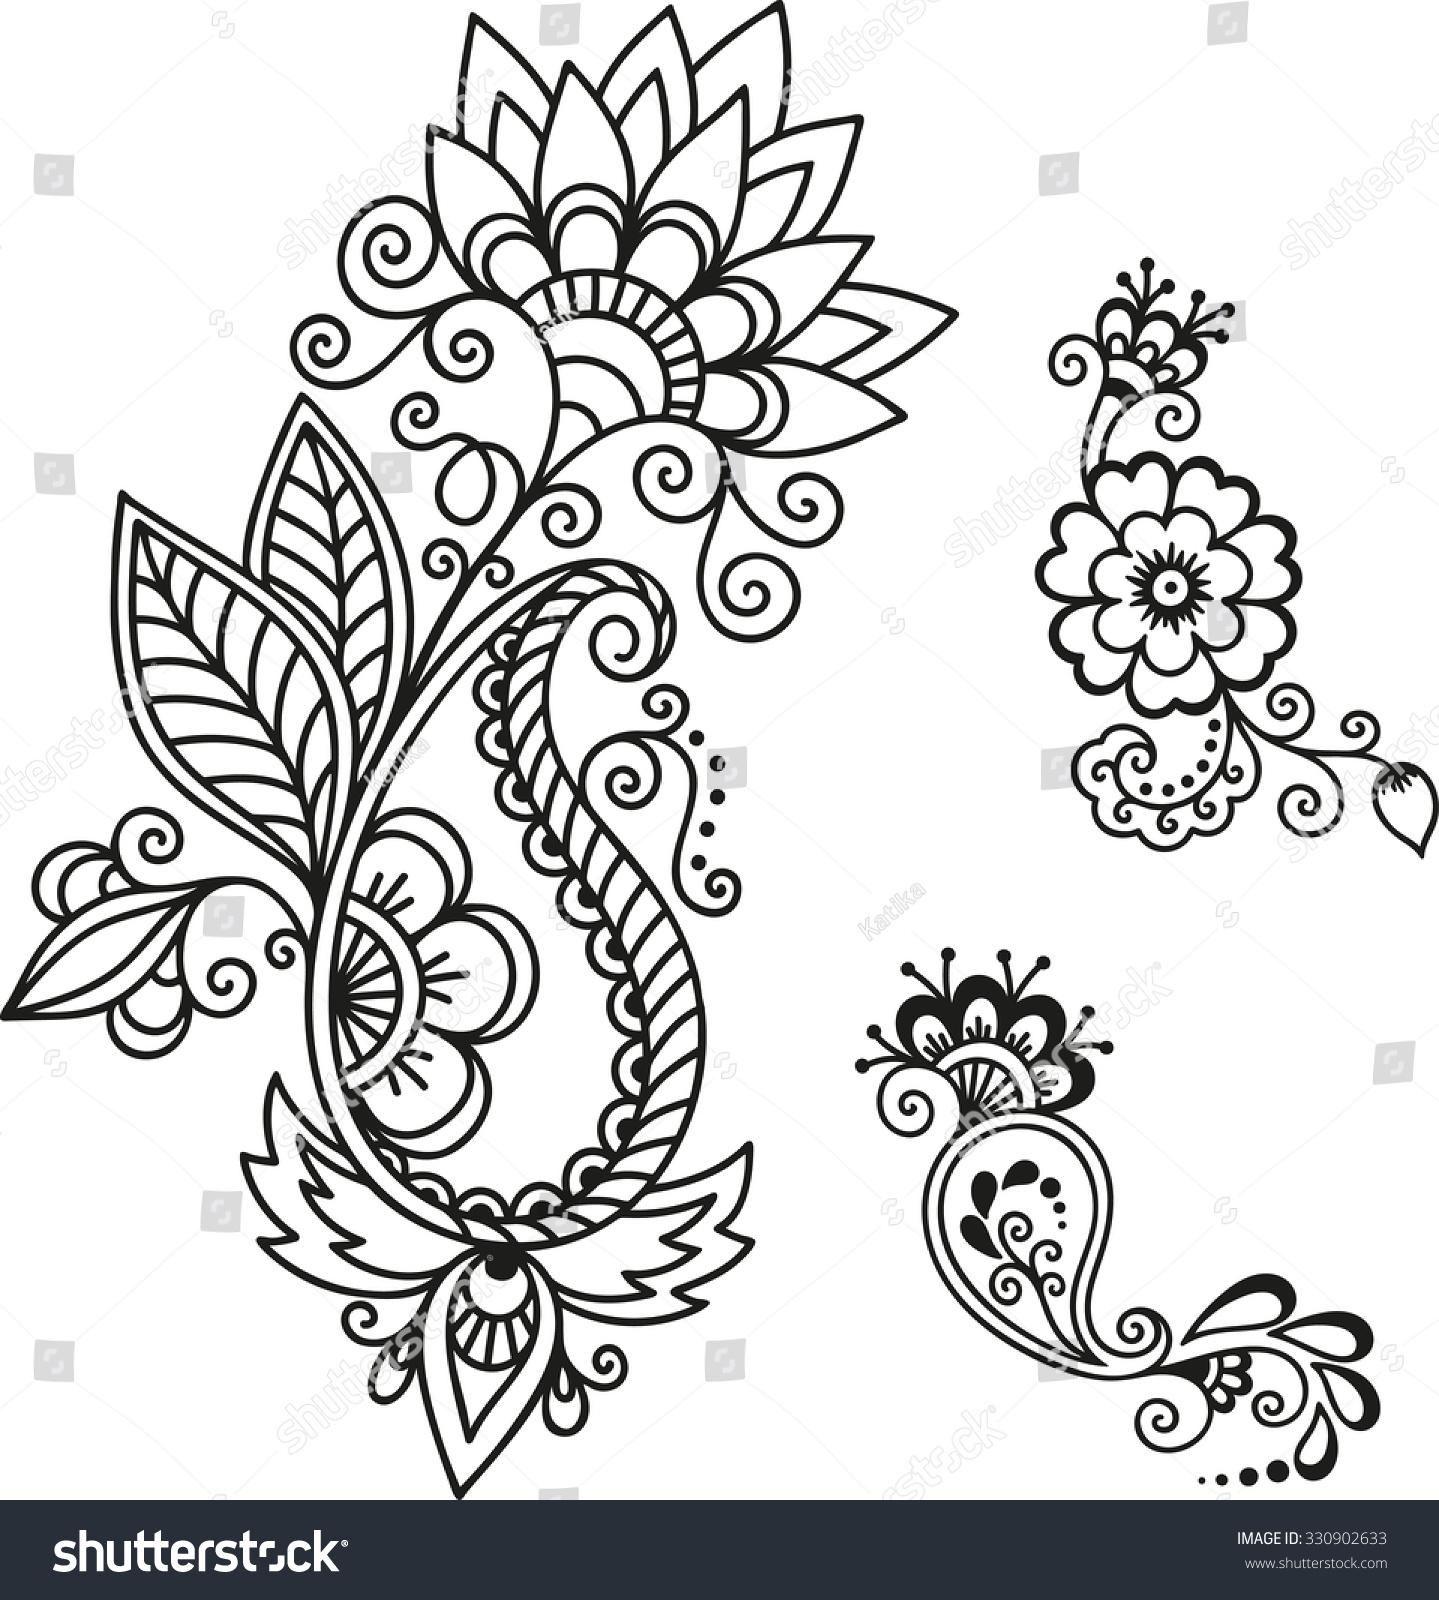 Mehndi Patterns Templates : Henna tattoo flower templatemehndi stock vector